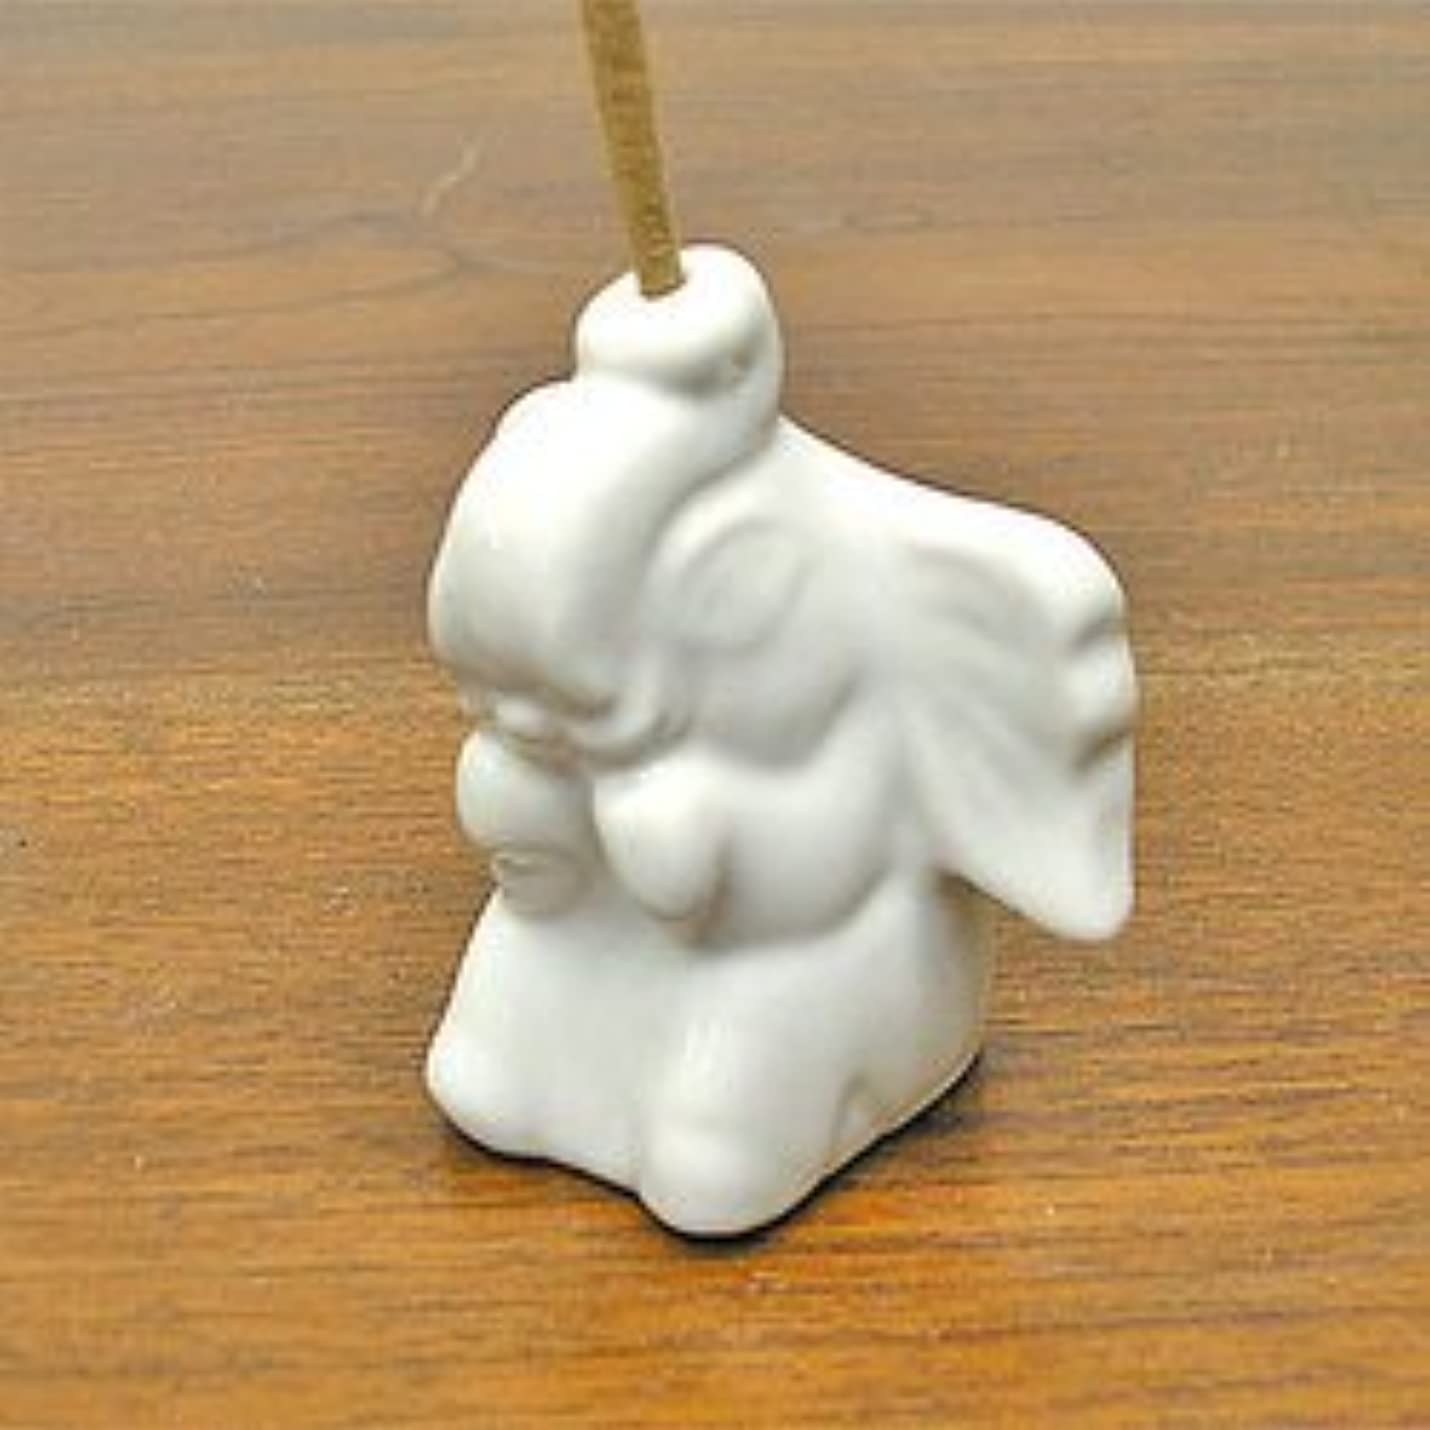 規範矢印球状象さんのお香立て <白> インセンスホルダー/スティックタイプ用お香立て?お香たて アジアン雑貨